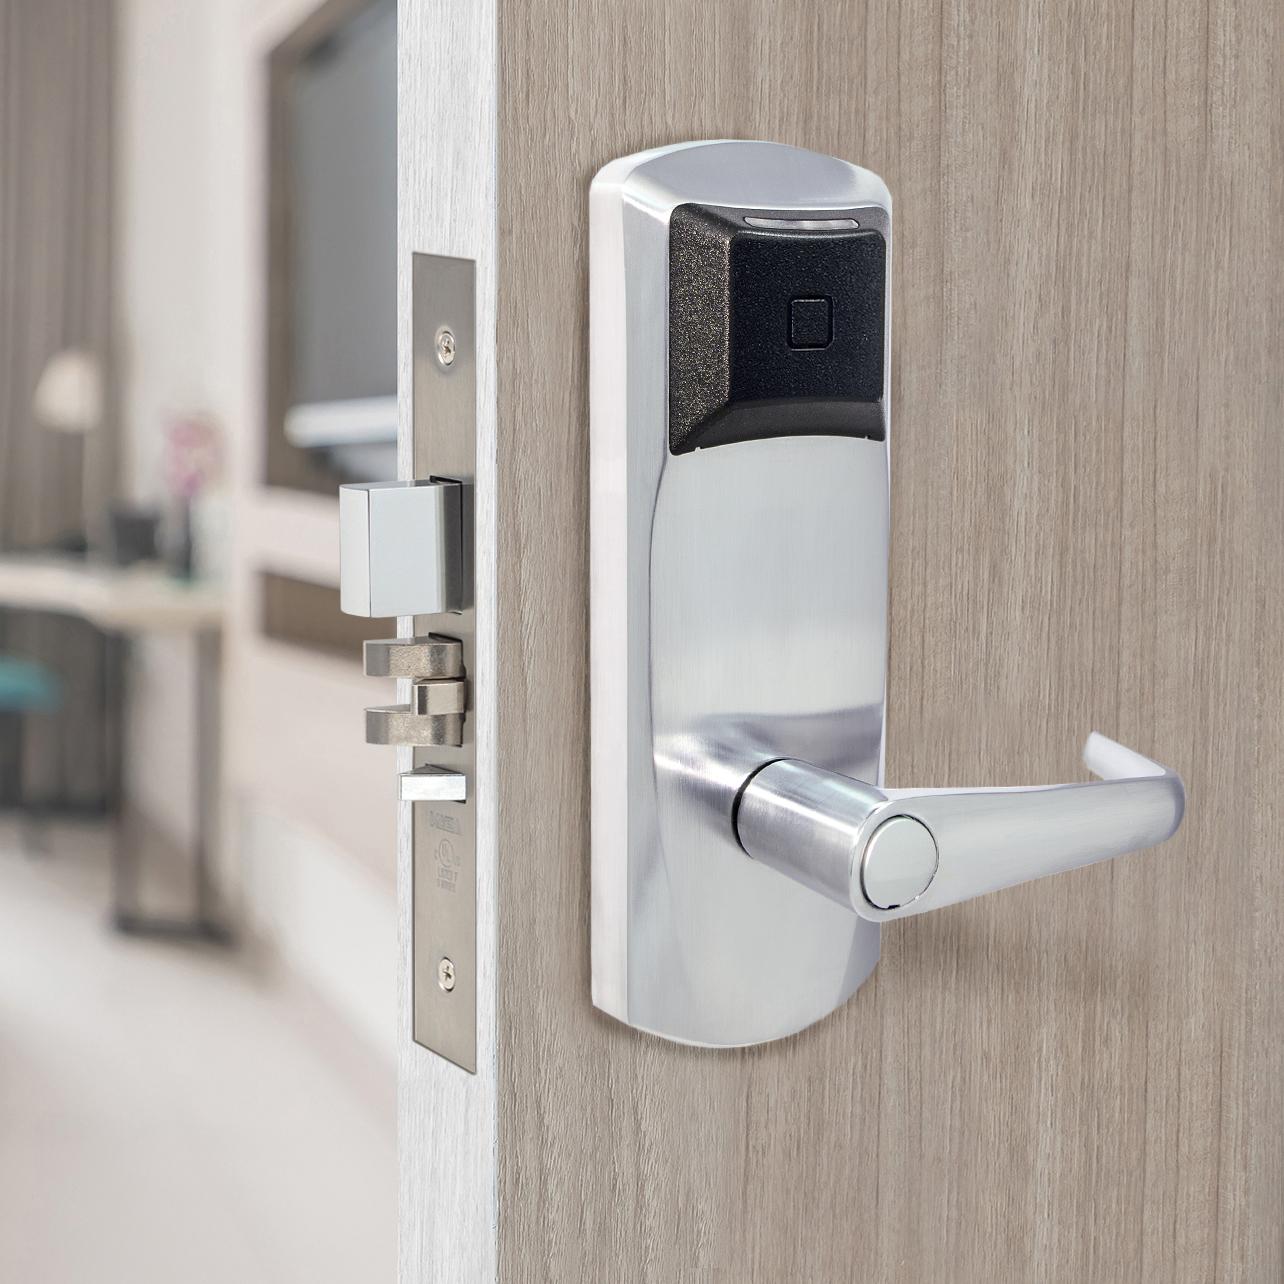 Почему стоит отдавать предпочтение электронным дверным замкам для гостиниц?